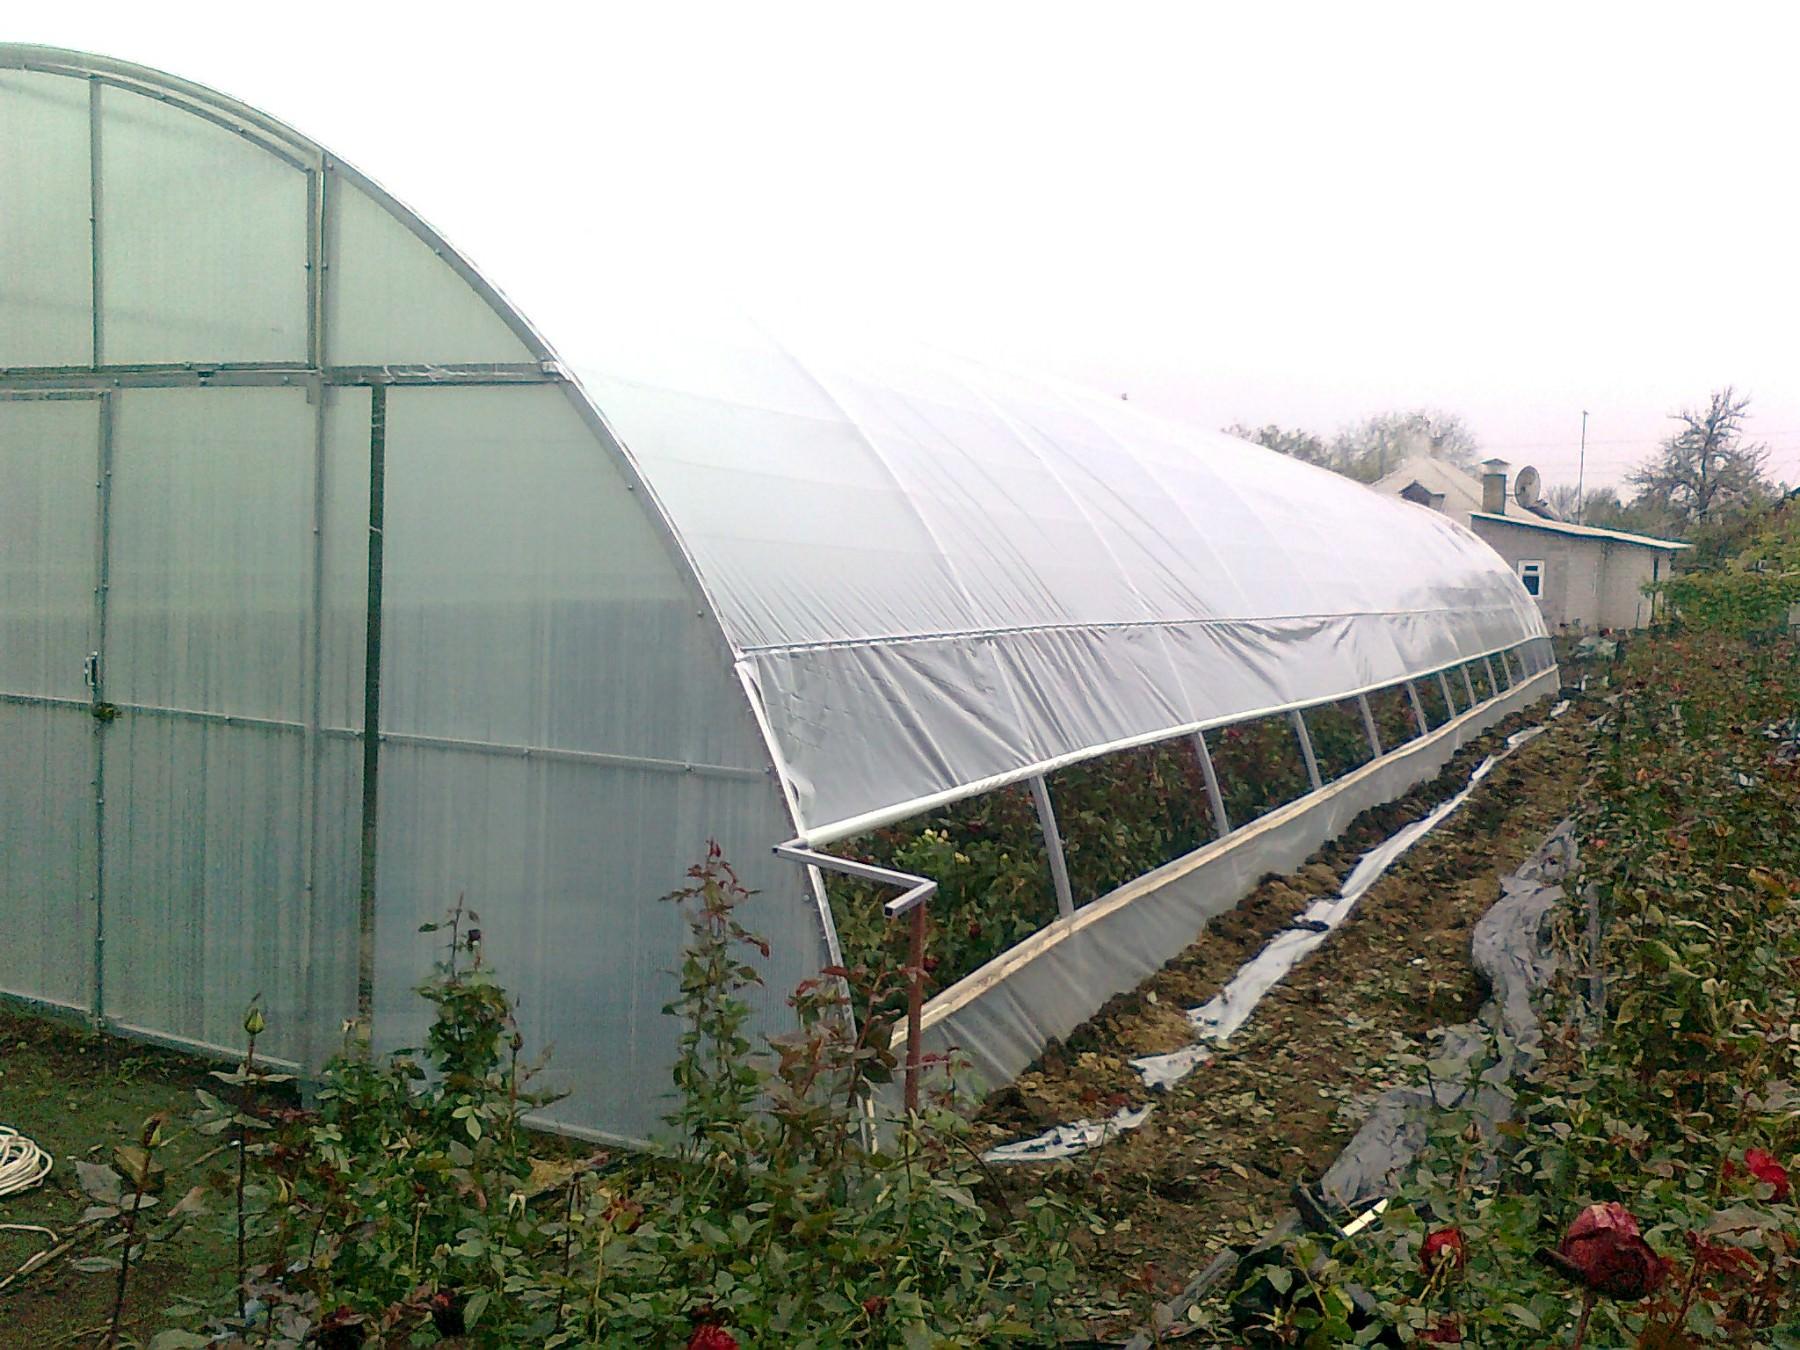 Пленочная теплица – это элементарное строение, которое используется в летнее время для выращивания прихотливых овощей и фруктов